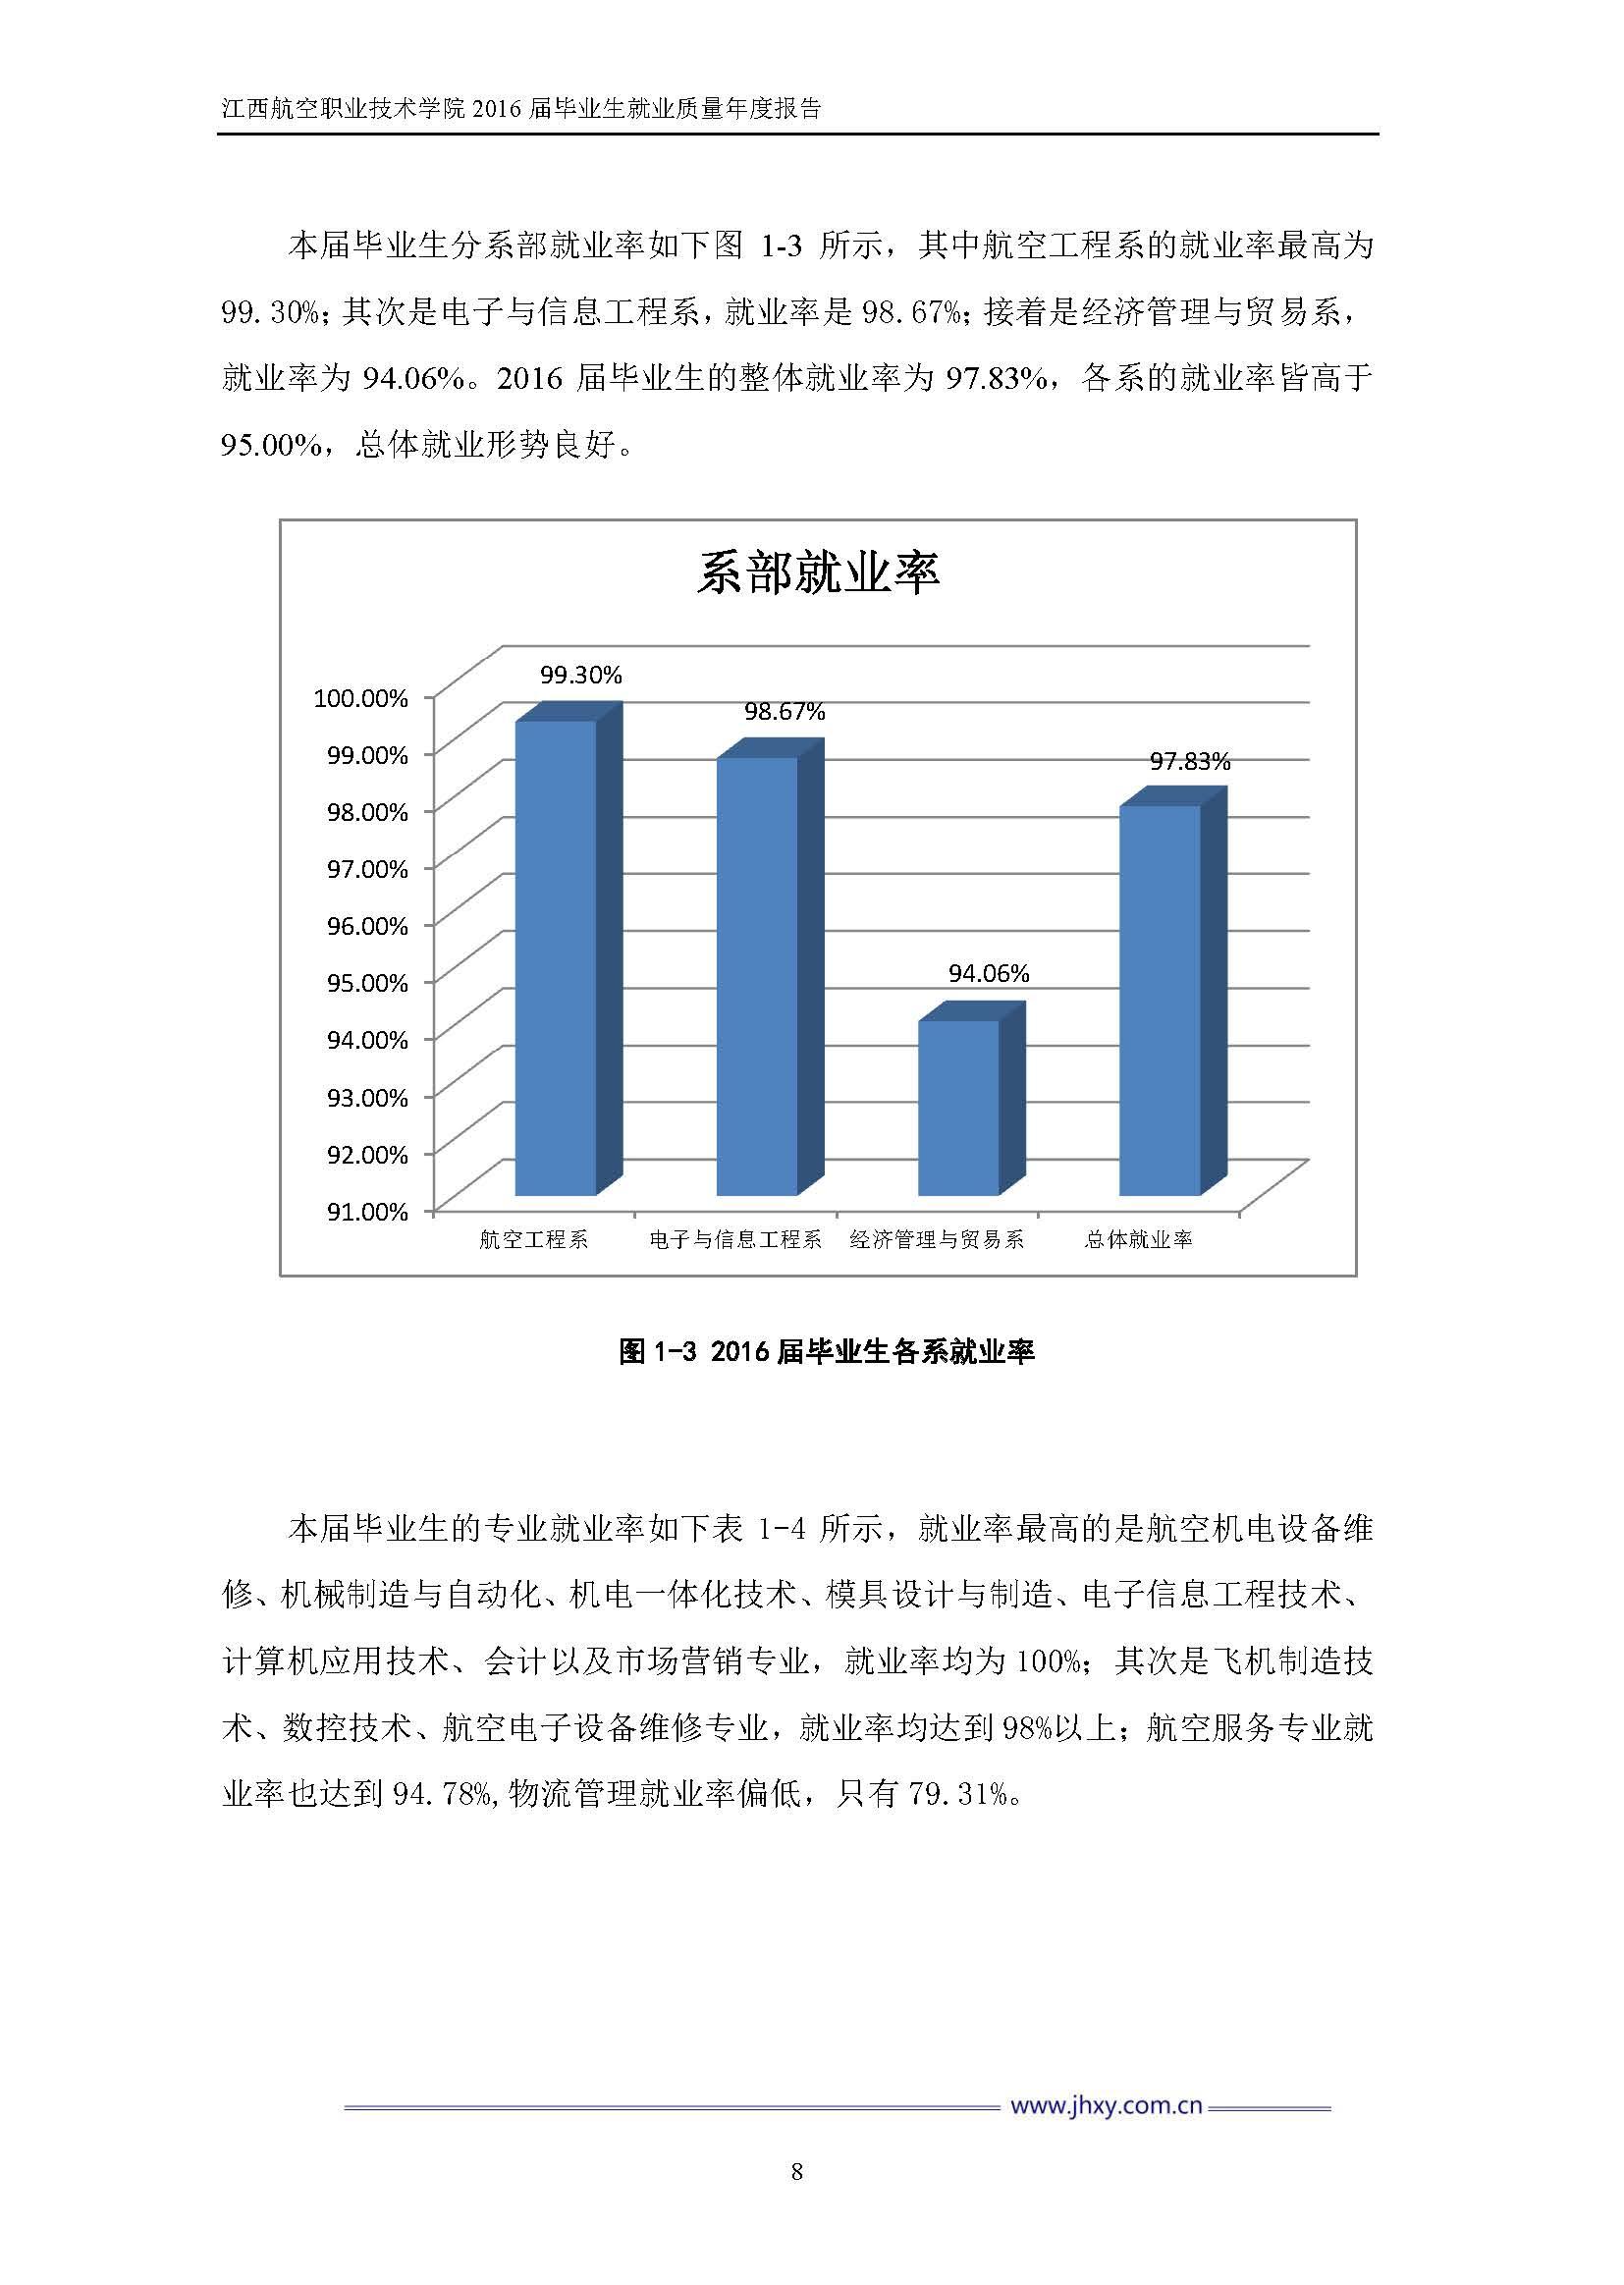 江西航空职业技术学院2016届毕业生就业质量年度报告_Page_15.jpg